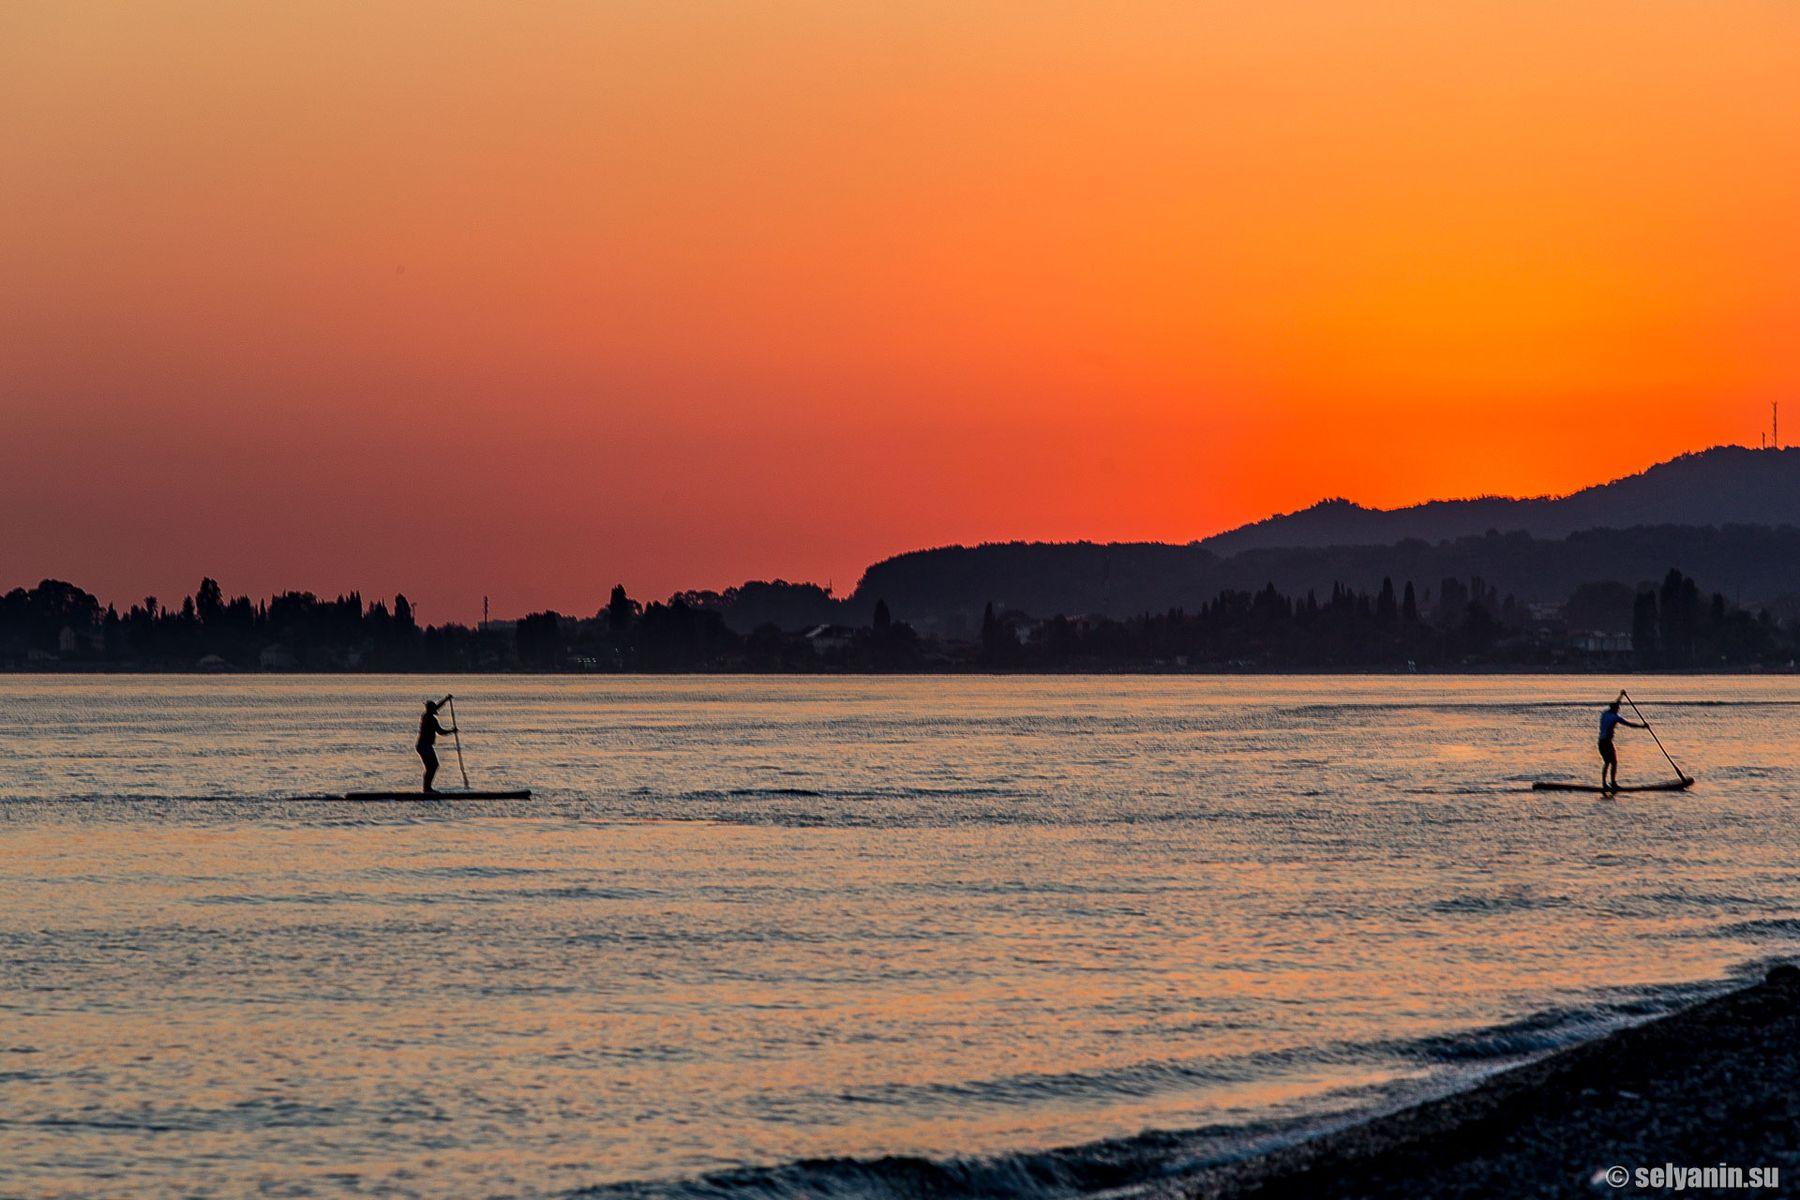 Идущие в закат сапсерфинг закат море Абхазия supboard sup supserfing sunset Апсны весло серфинг